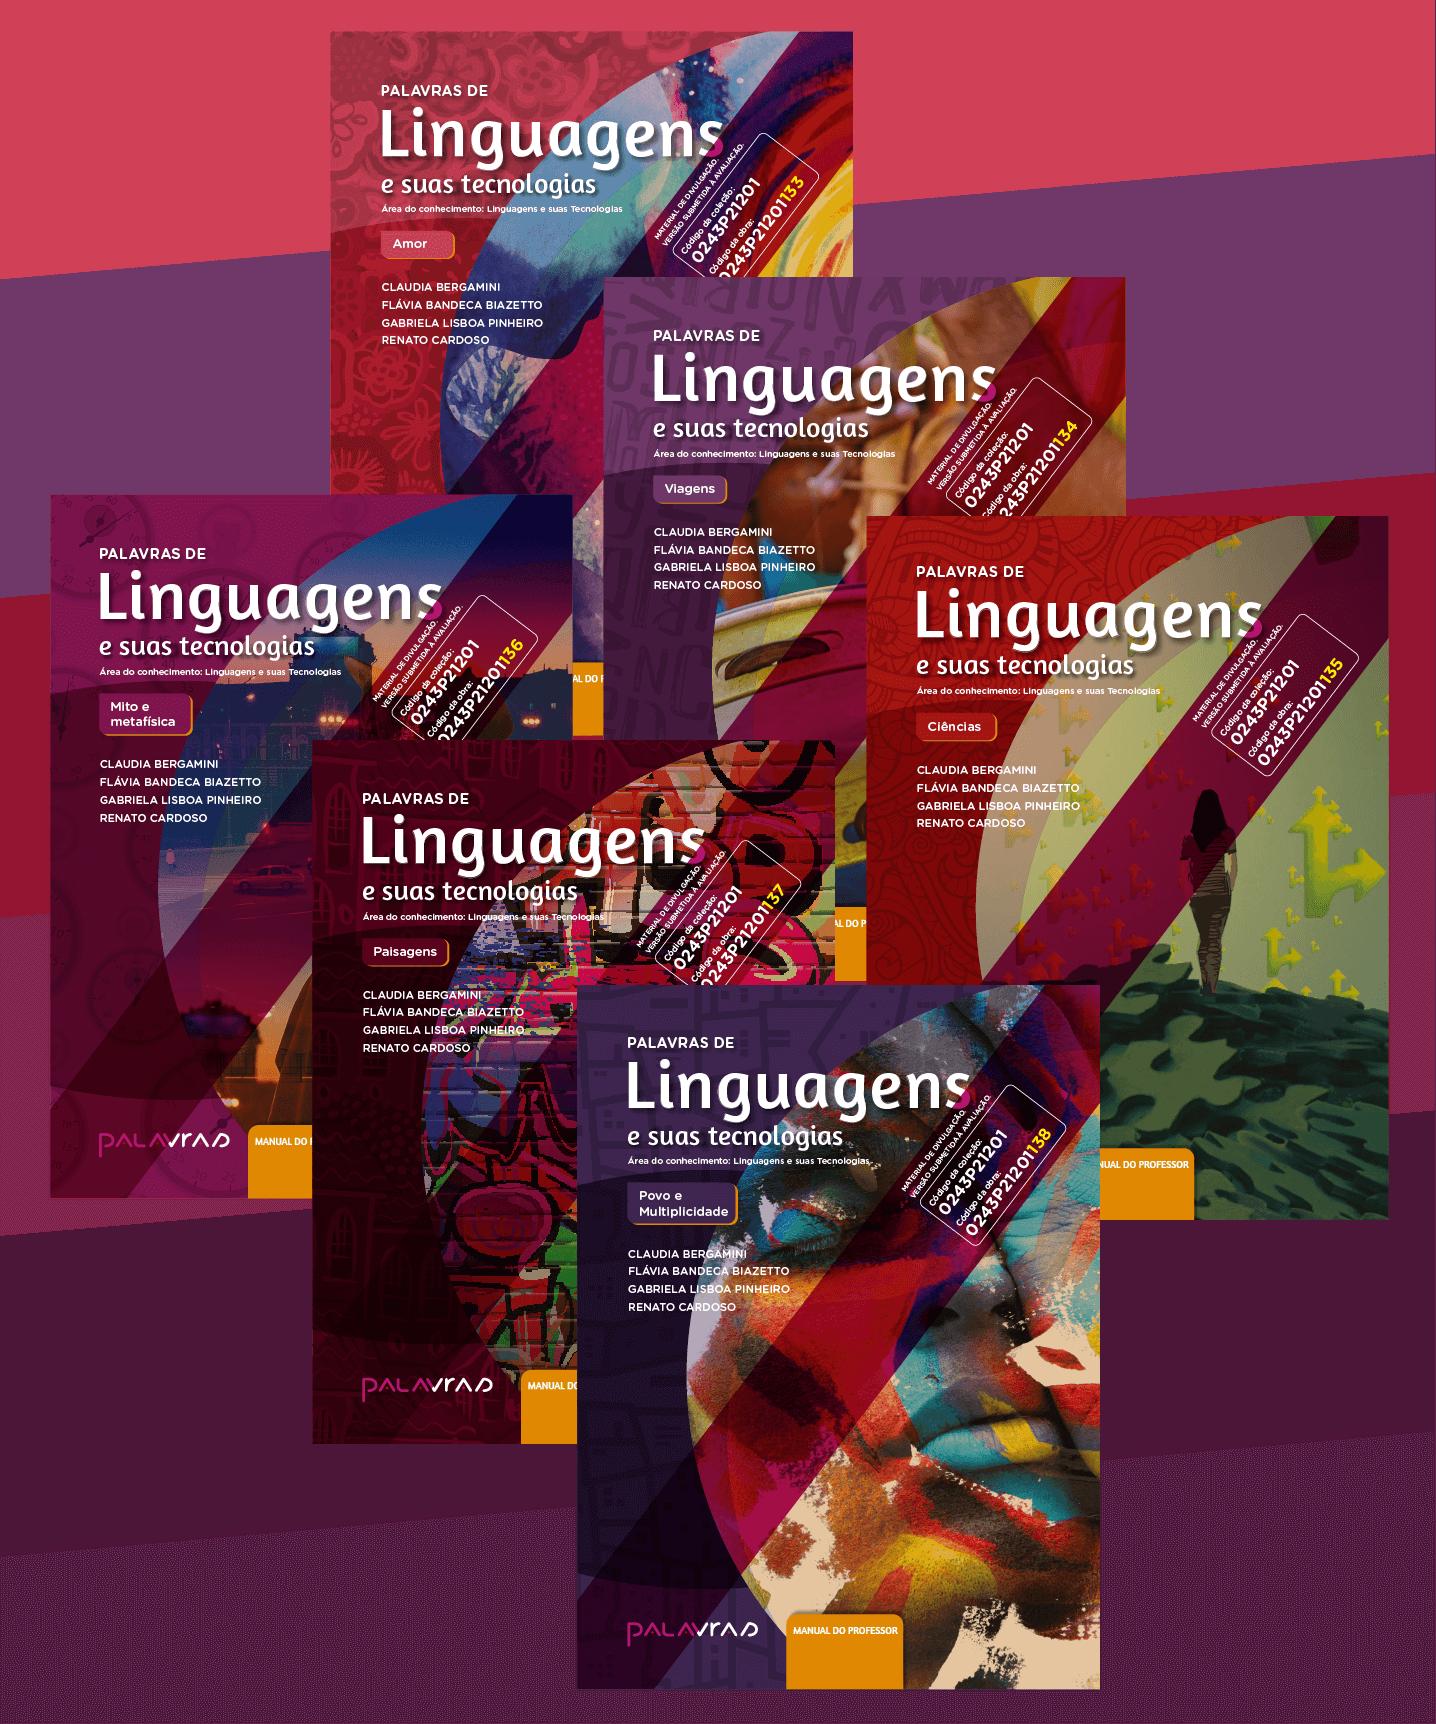 Coleção Palavras de Linguagens e Suas Tecnologias